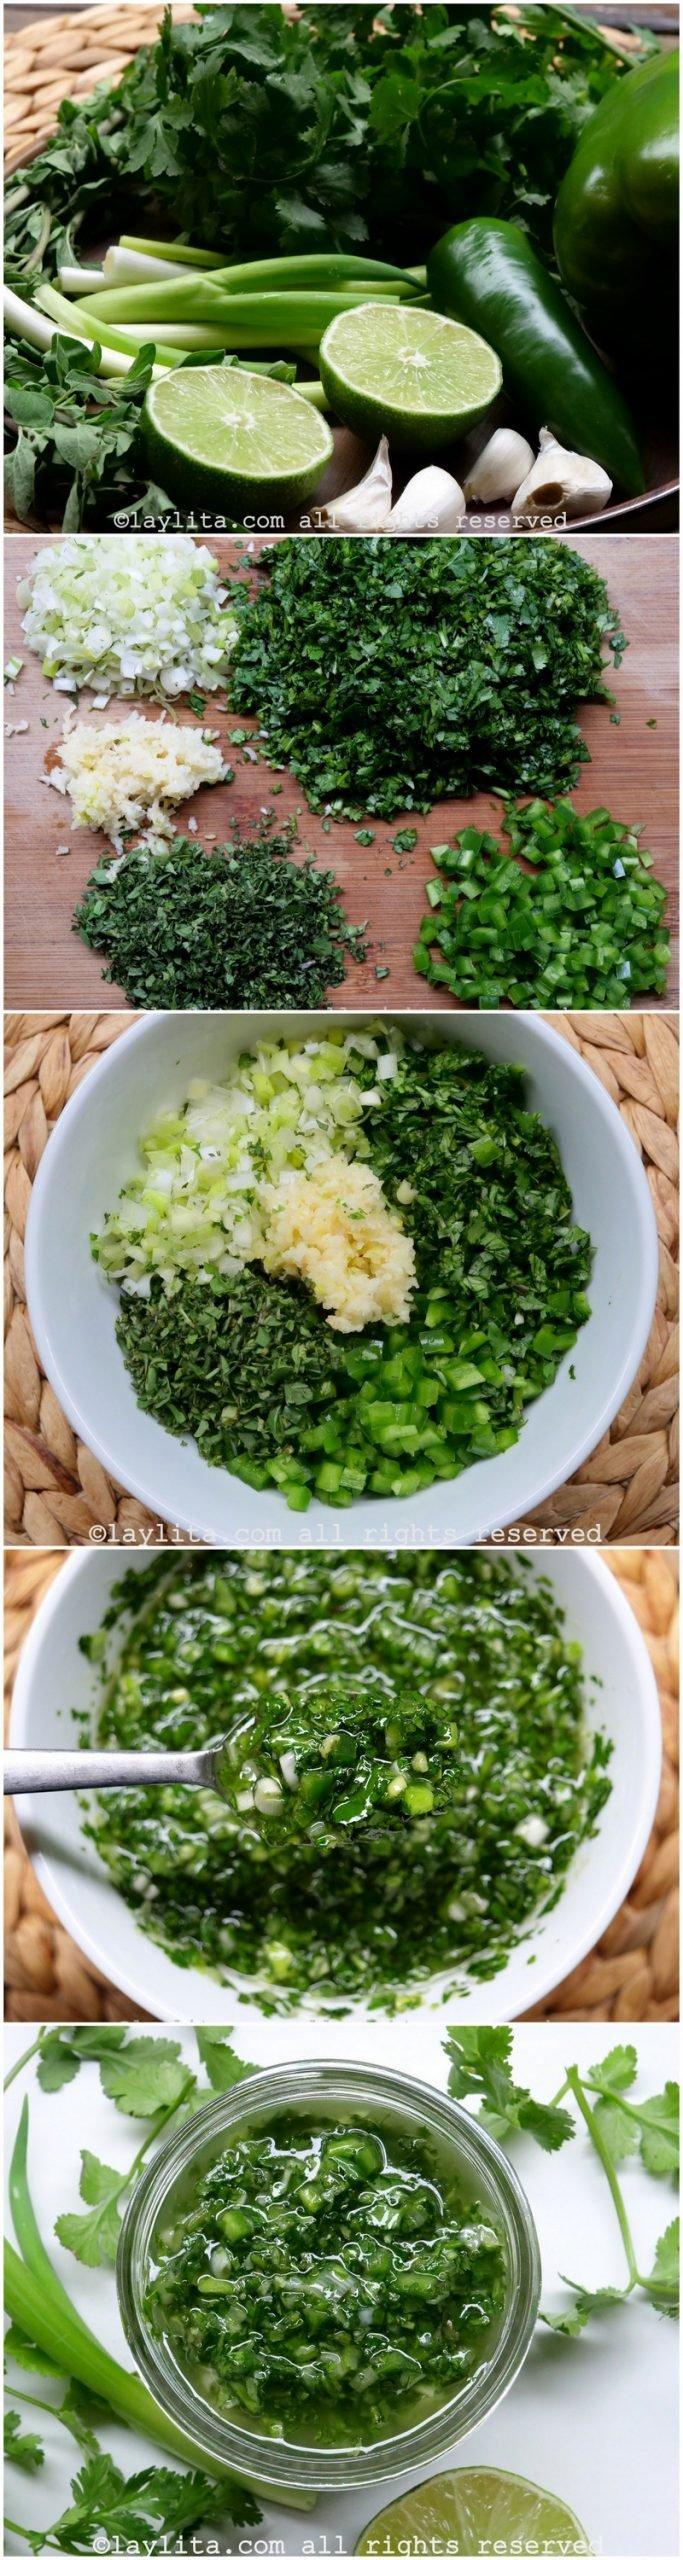 Como hacer chimichurri de cilantro